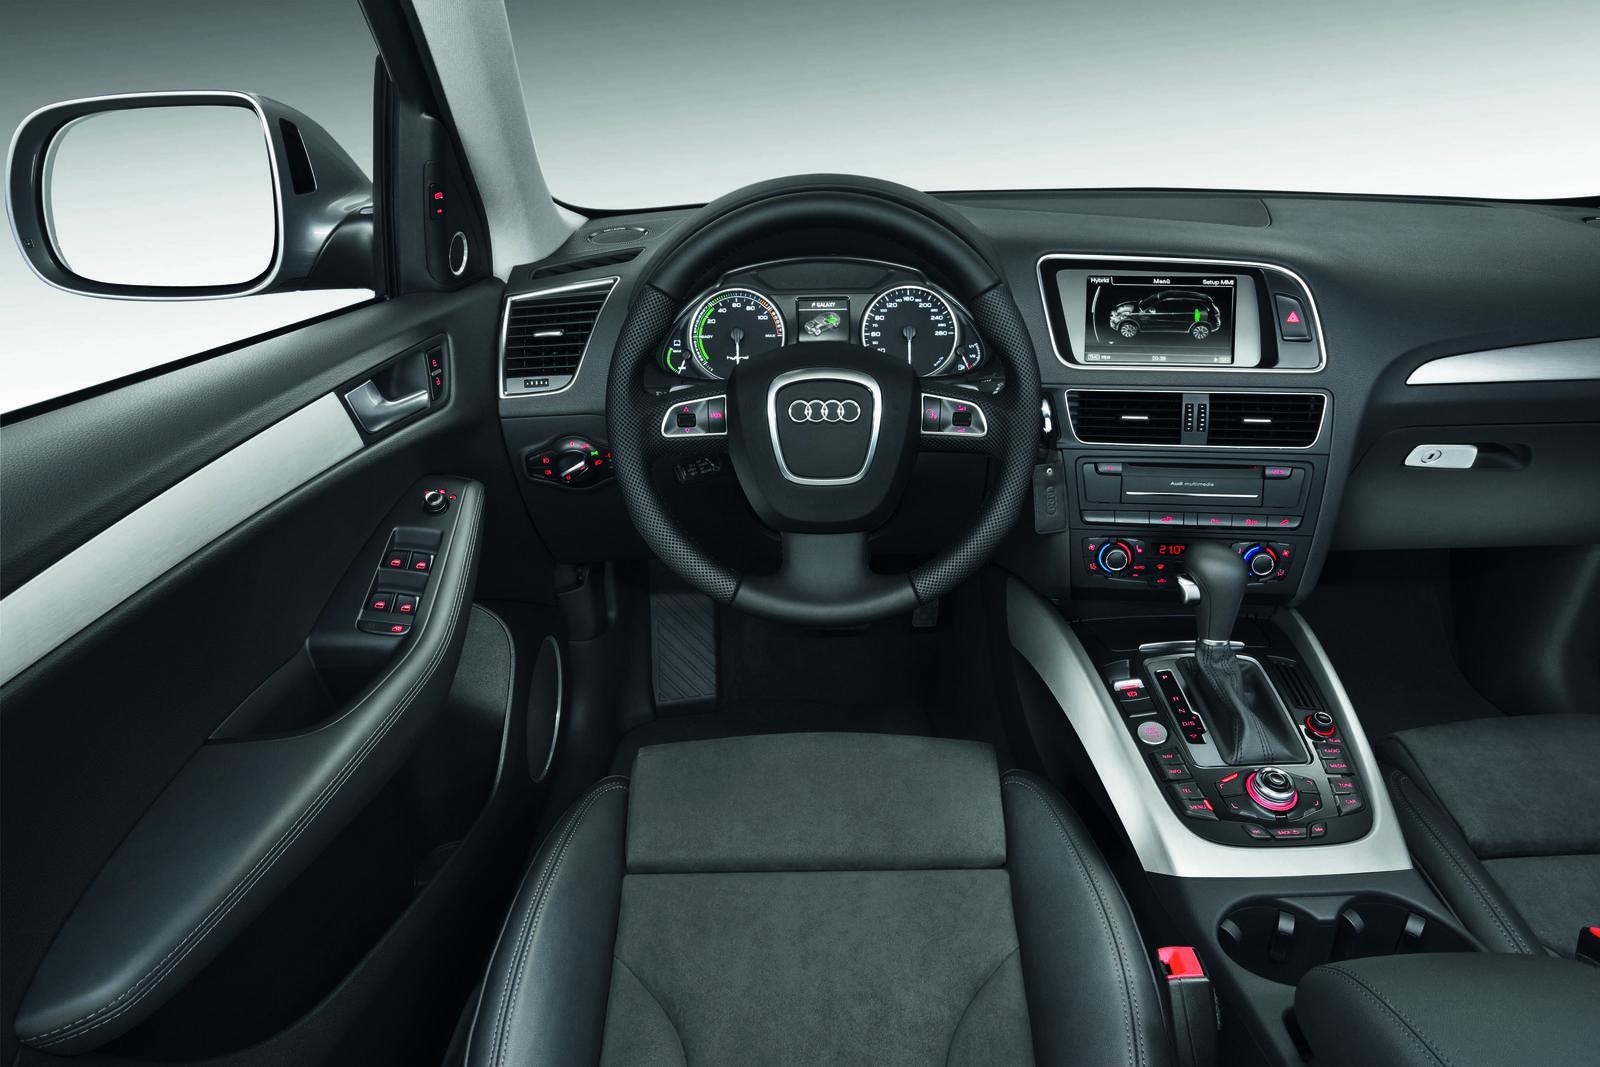 2011 Audi Q5 Image 10